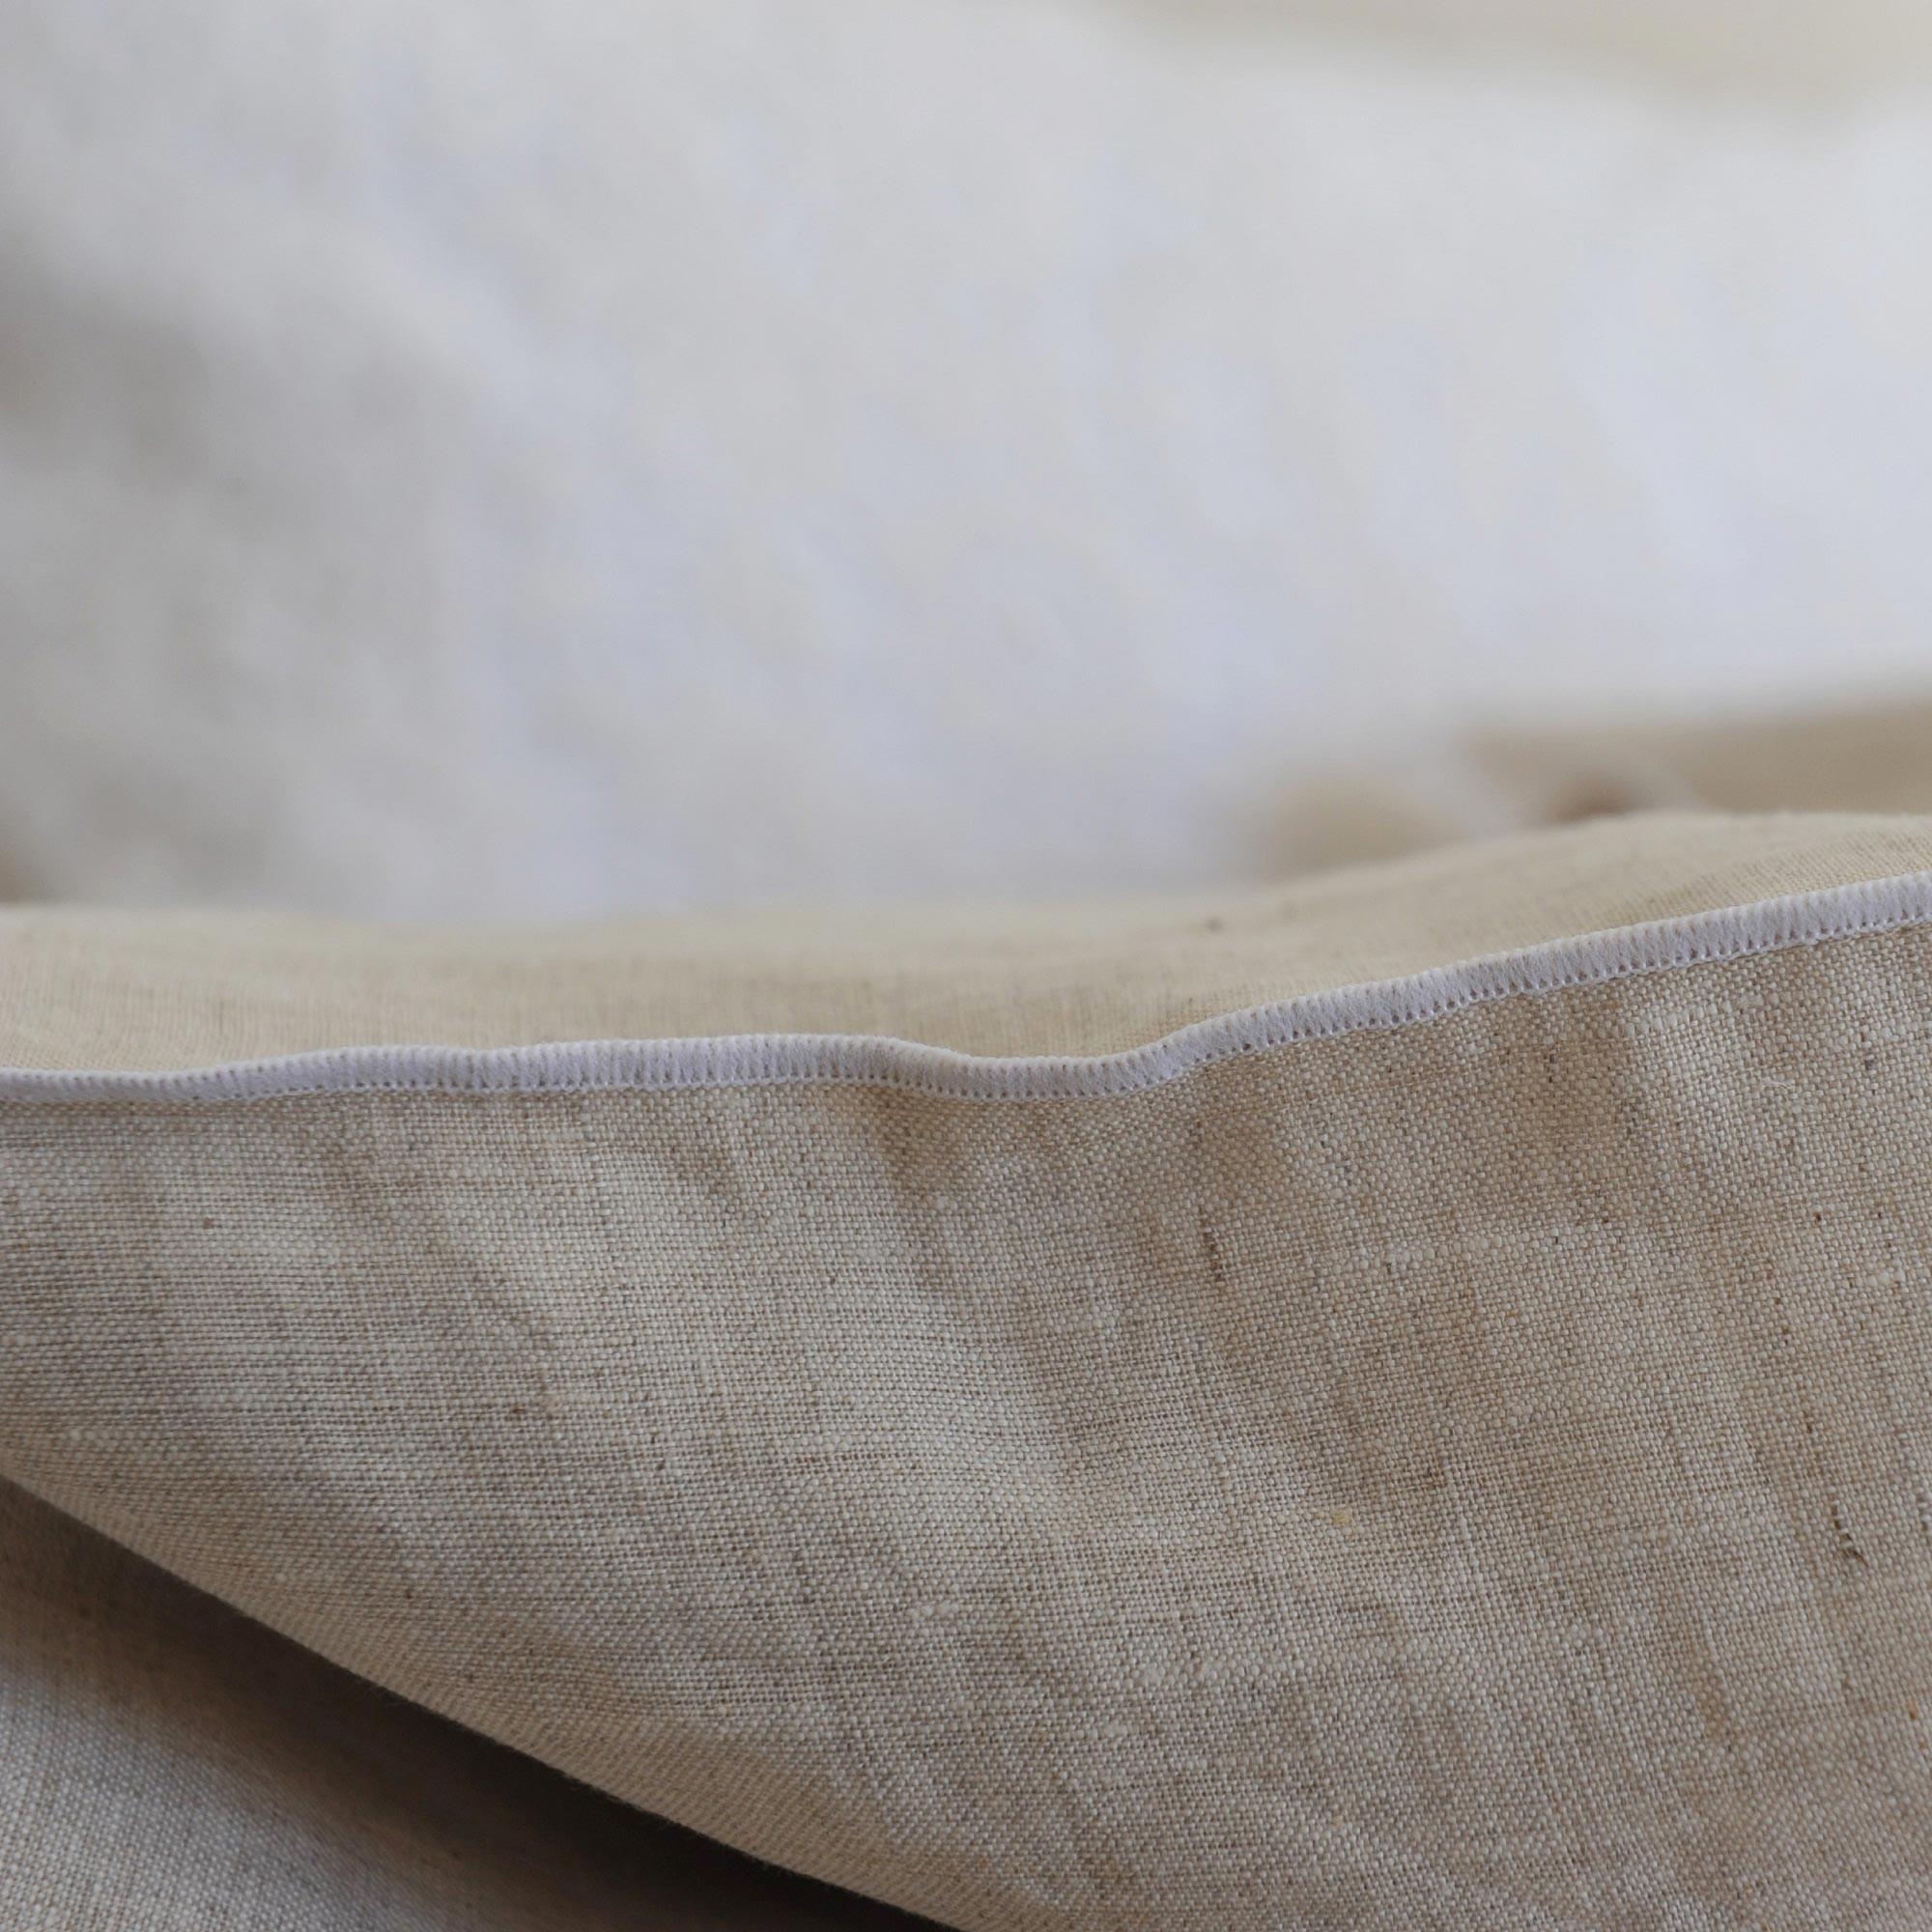 housse de couette lin lav naturel bourdon blanc maison d 39 t. Black Bedroom Furniture Sets. Home Design Ideas